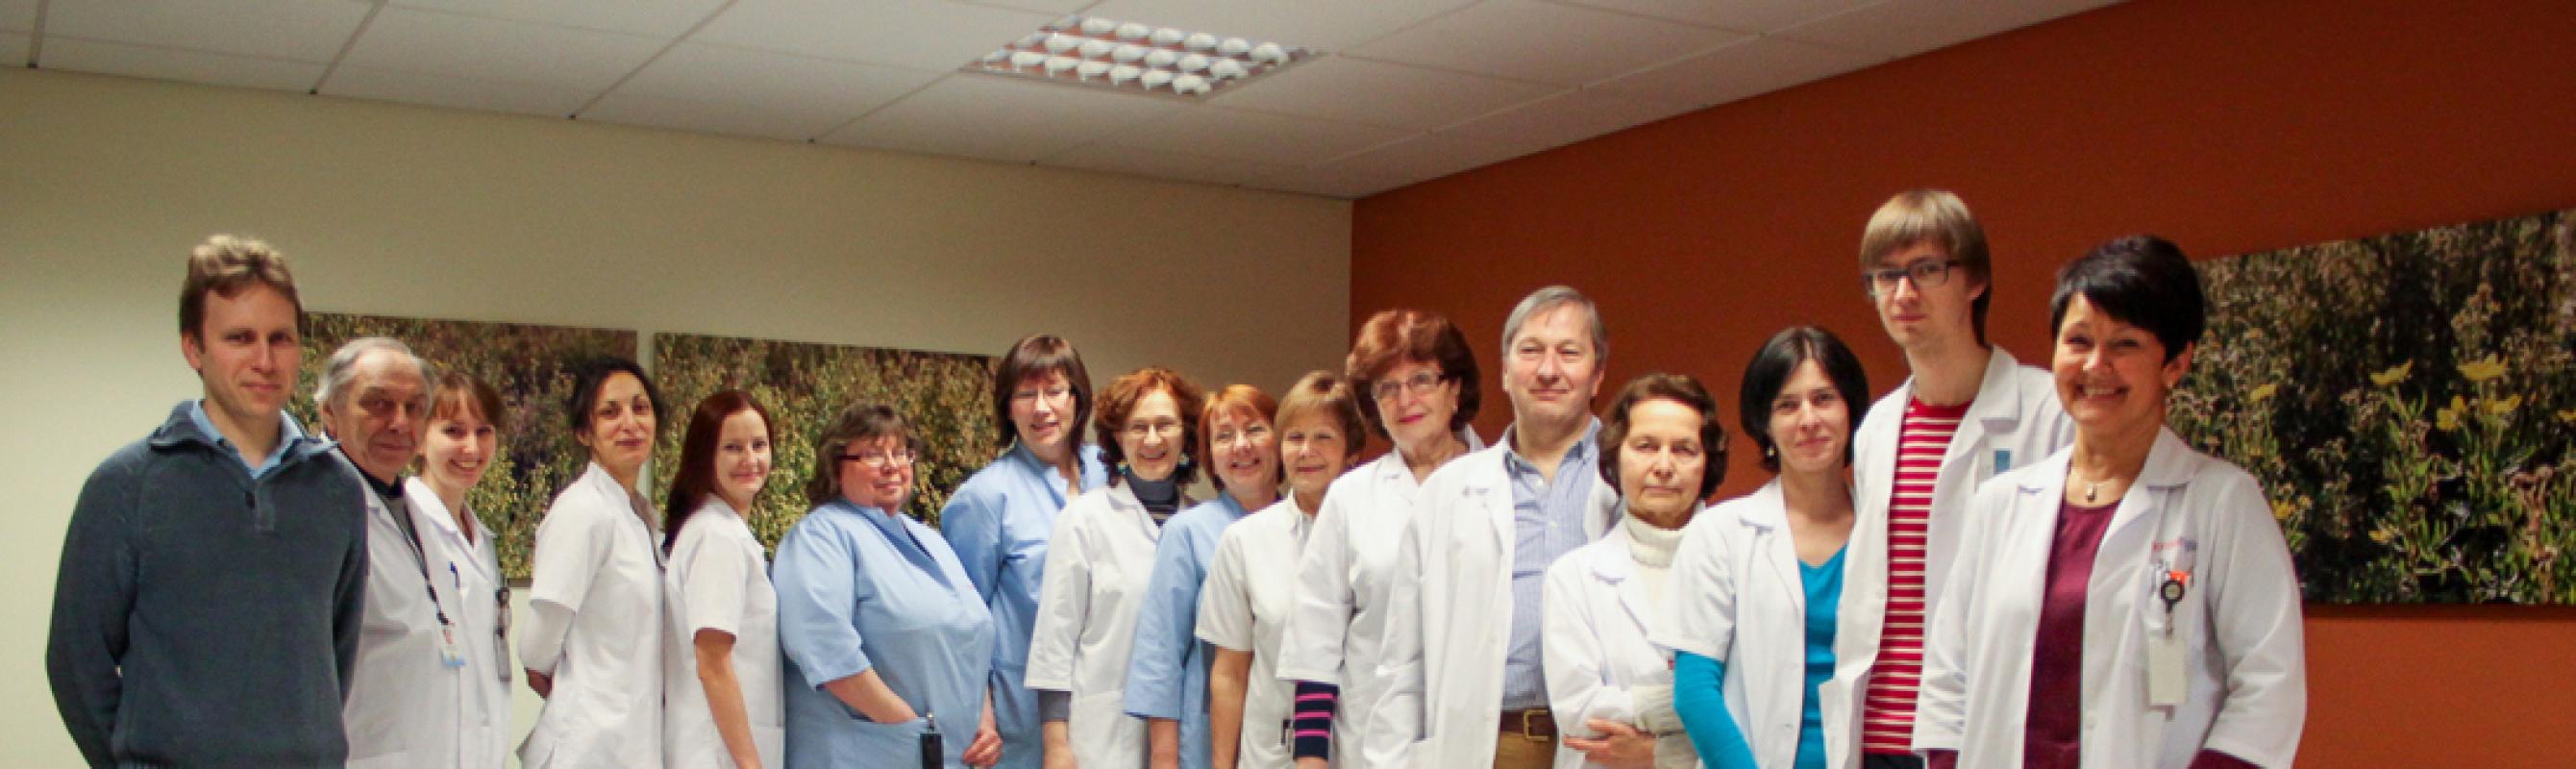 Kiiritusravi keskuse töökas meeskond